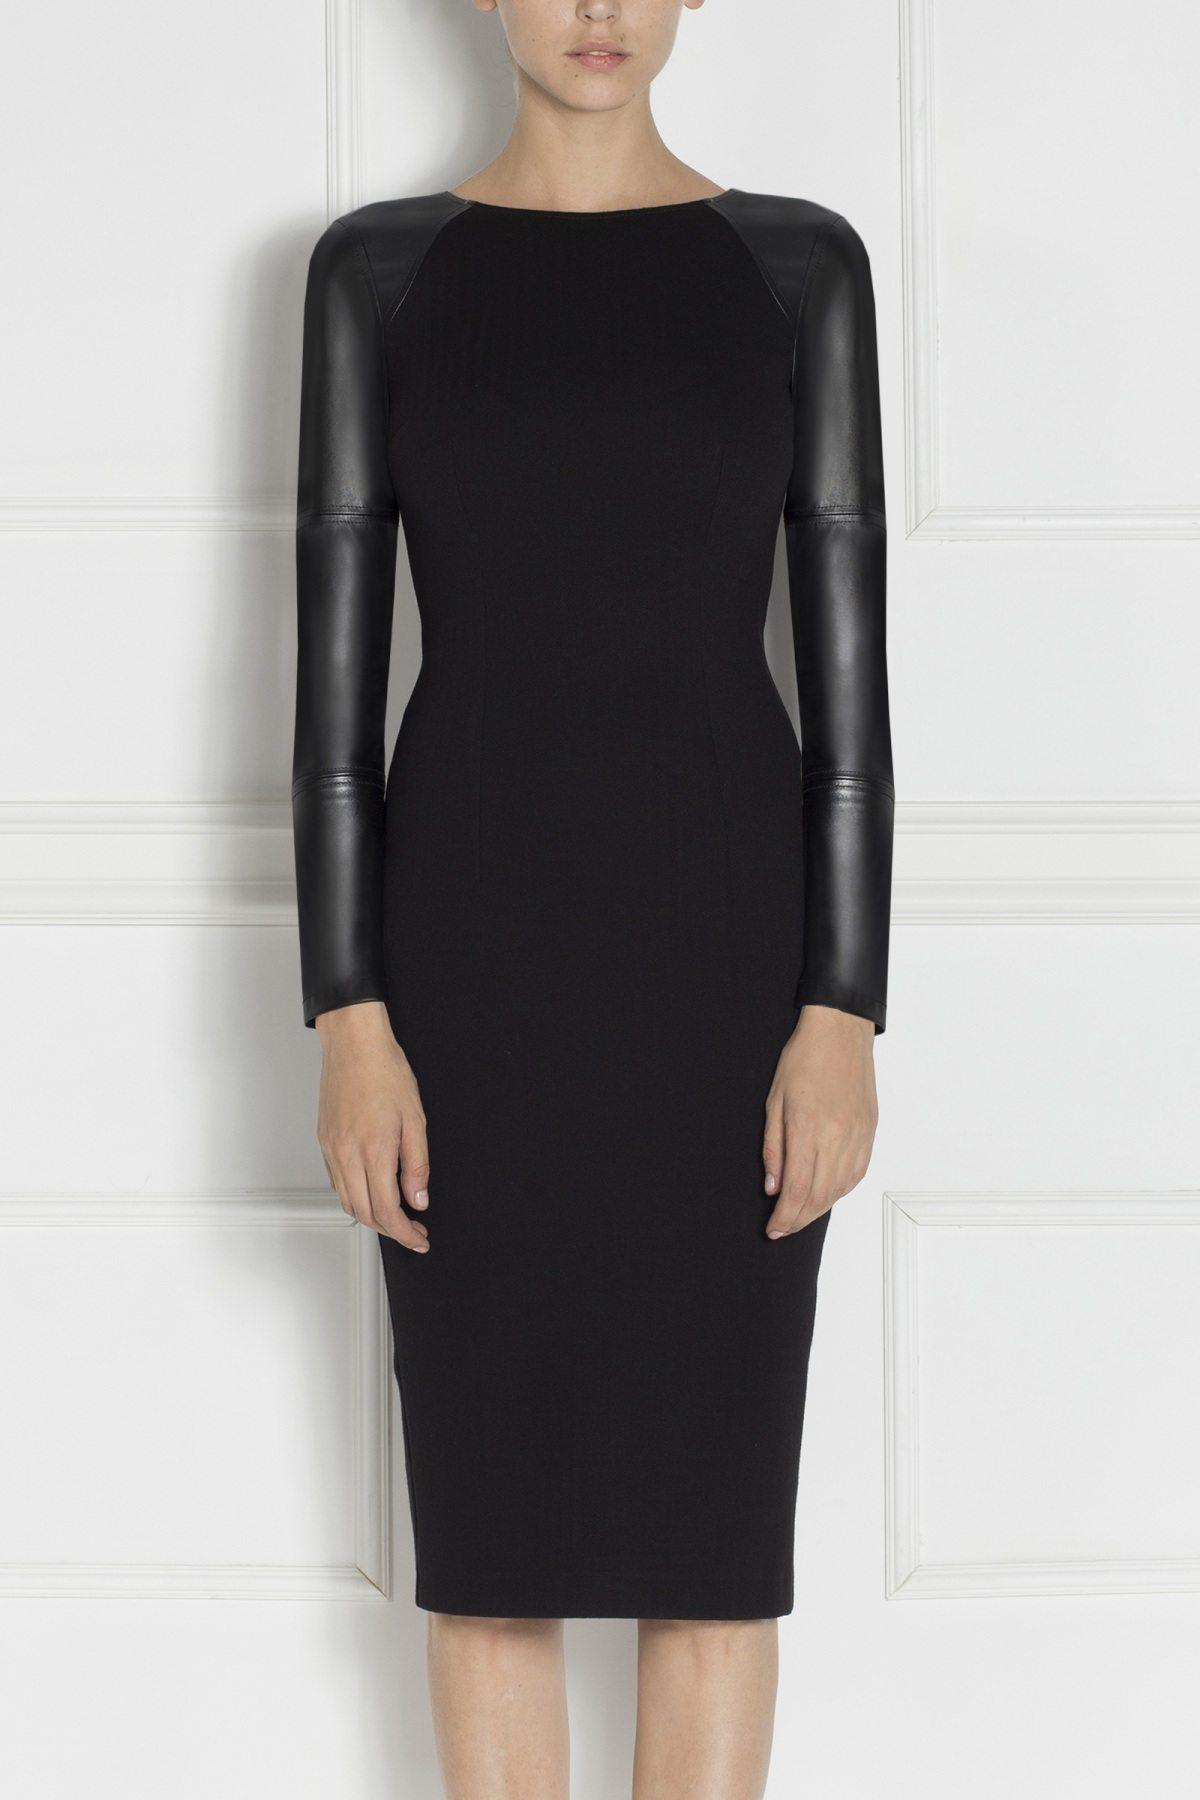 Rochie conica neagra Negru